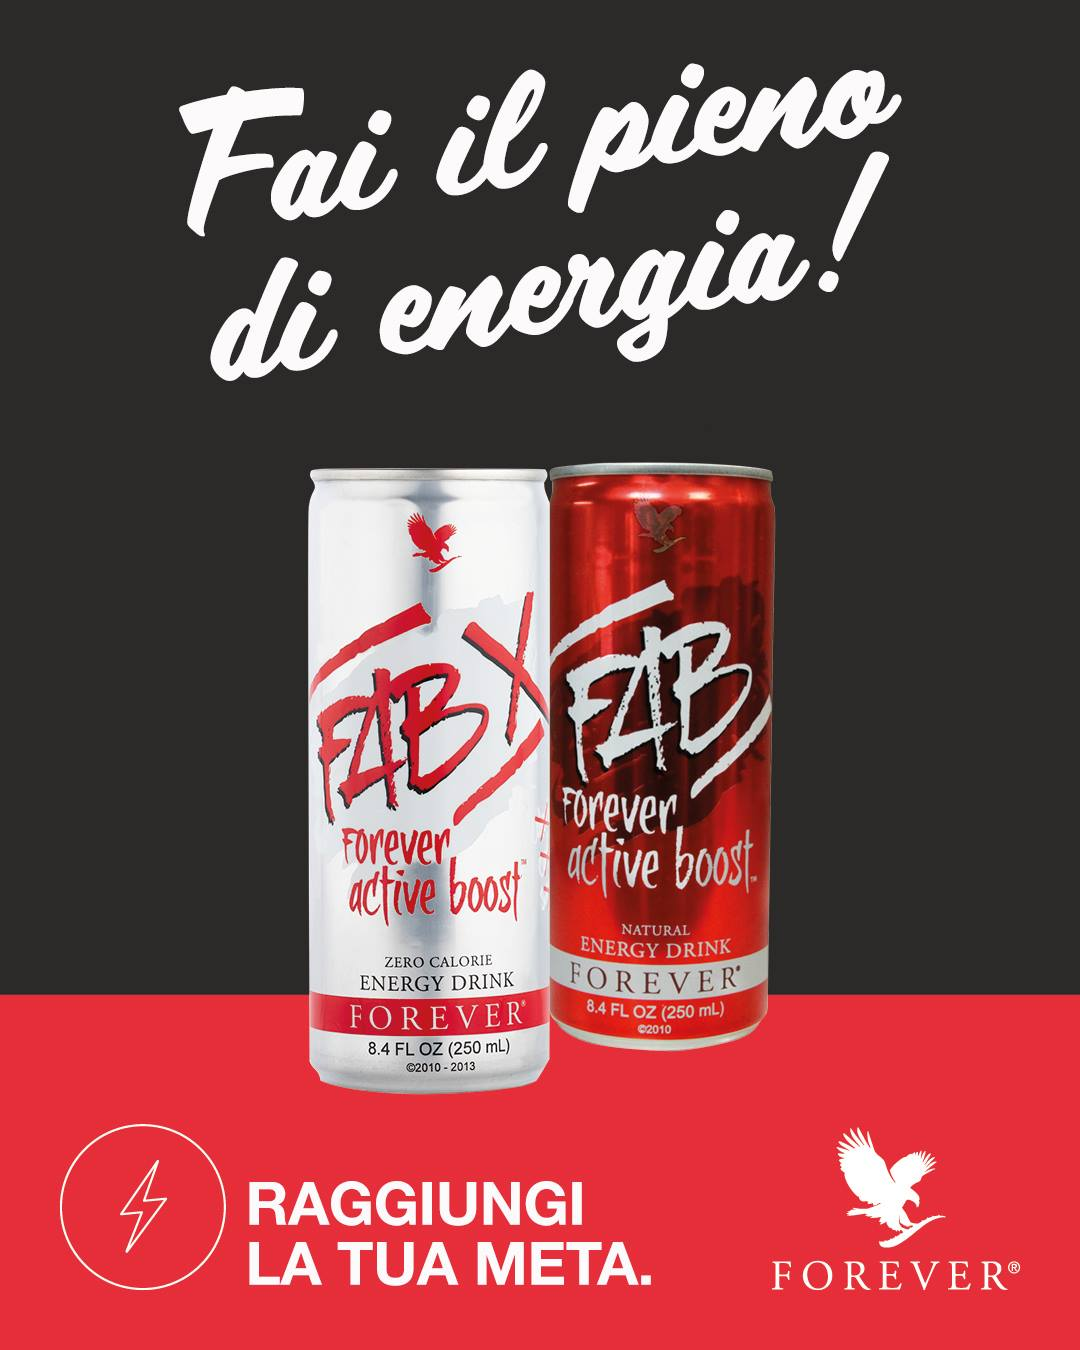 FAB E FABX - LA TUA CARICA ENERGETICA PRONTA DA BERE - SuccoAloeVera - Forever Living